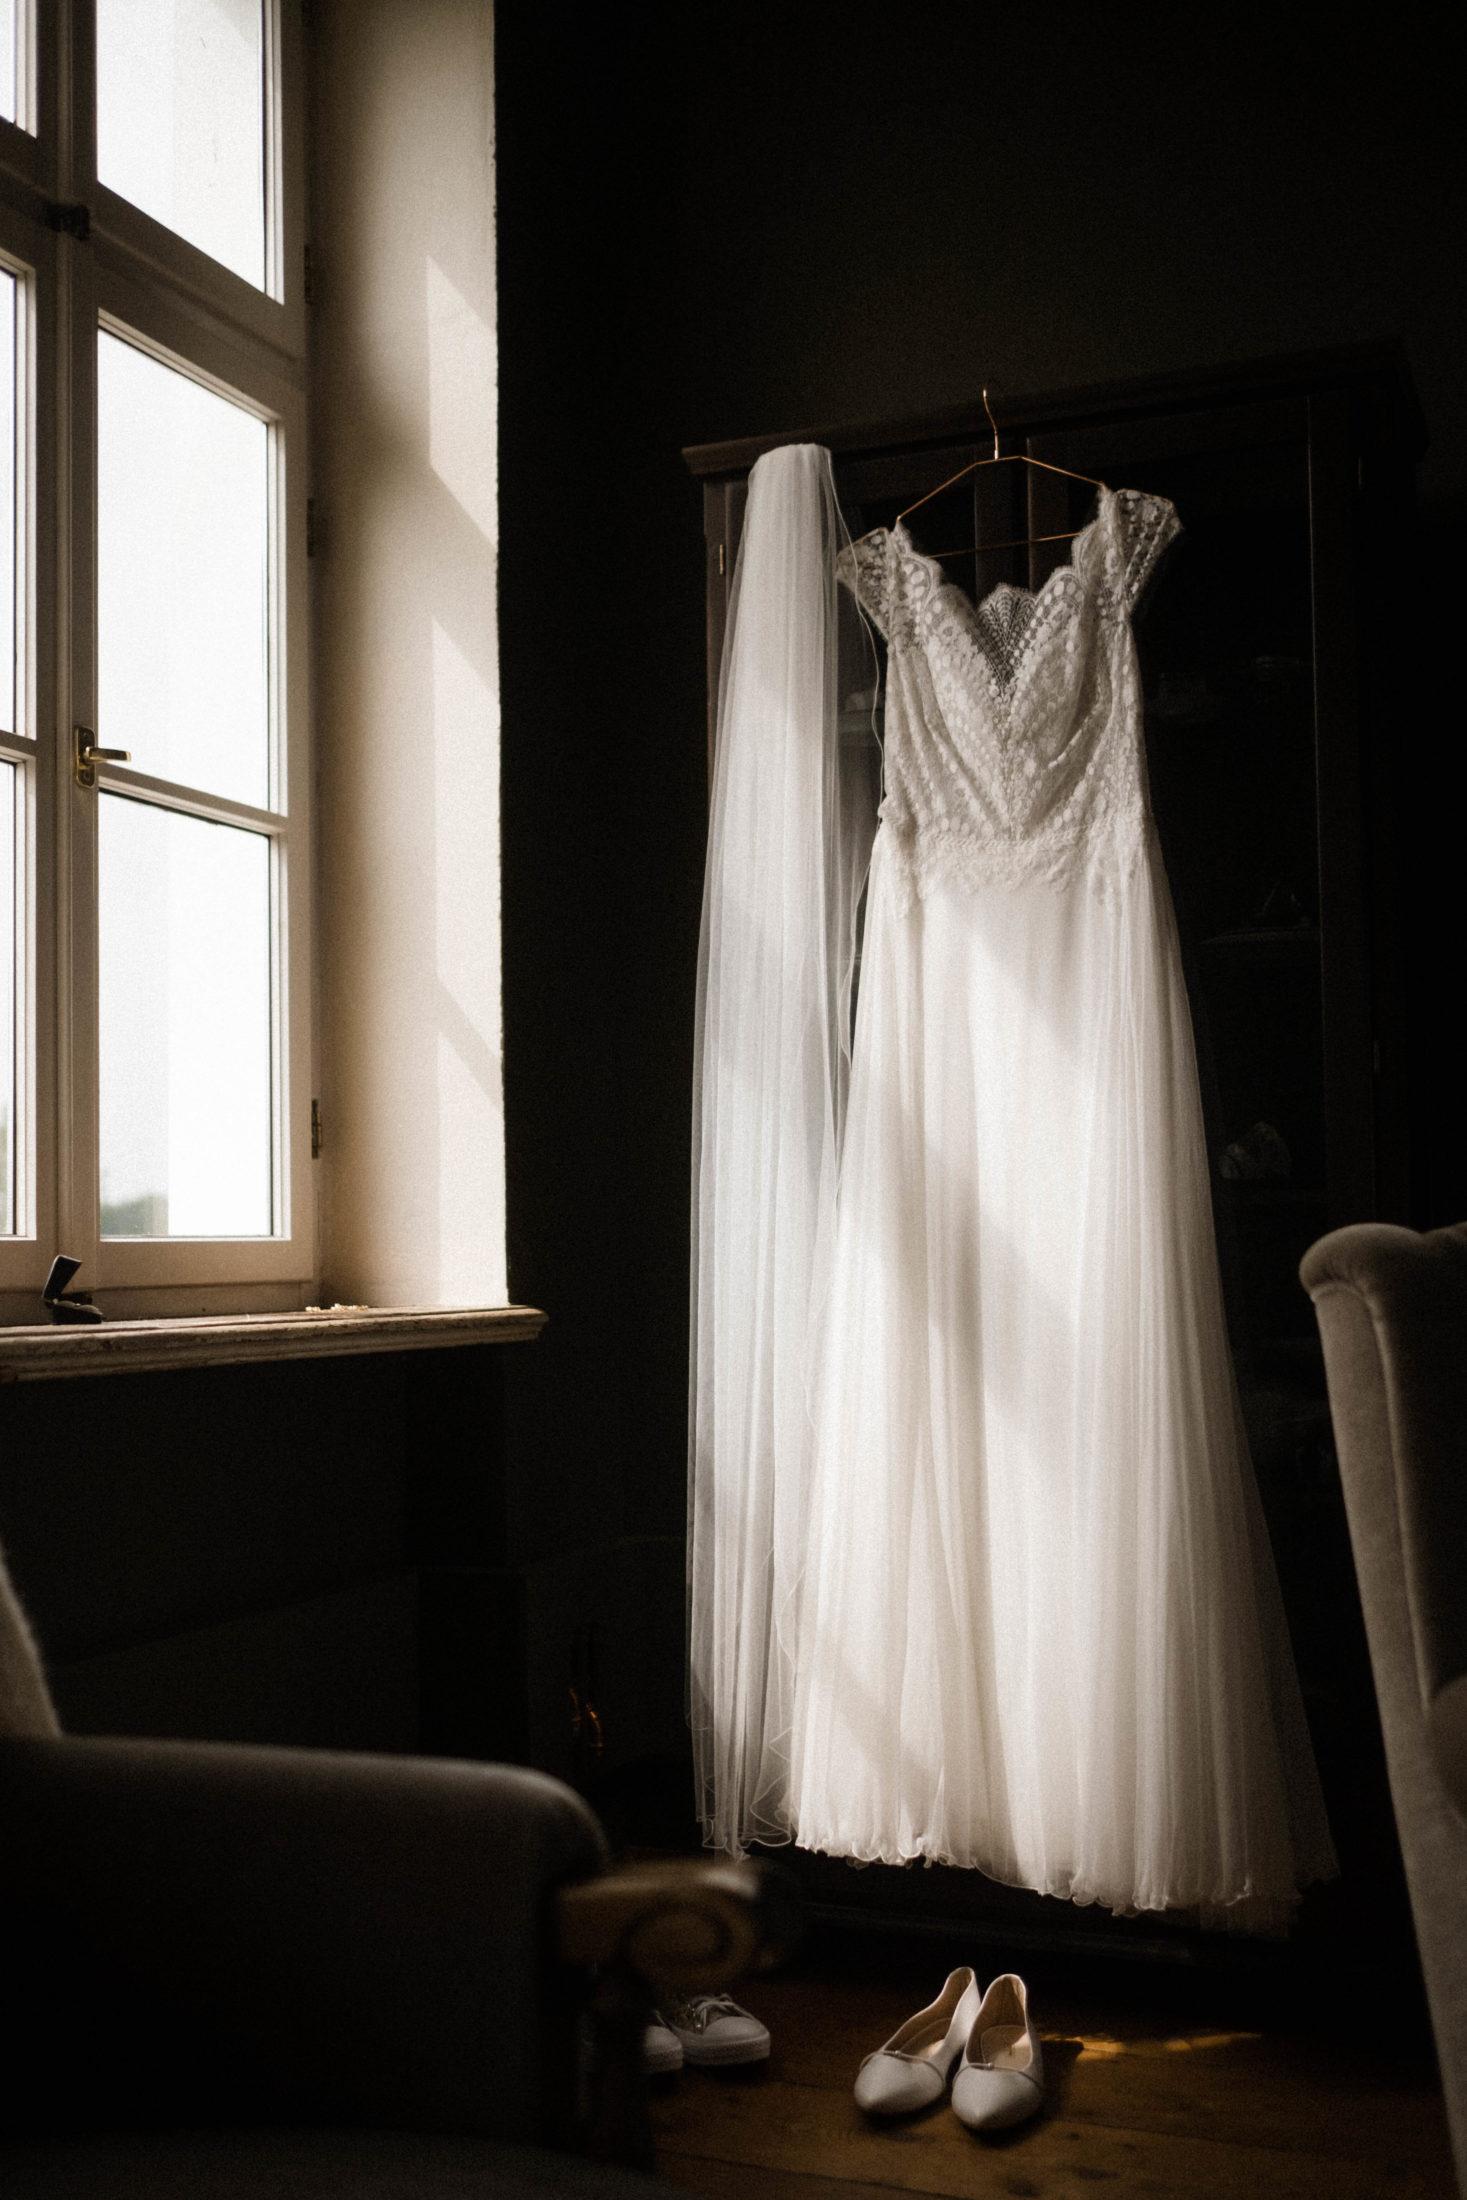 Hochzeitsfotografie La Dersentina. Das Brautkleid höngt an einem Kleiderbügel am Fenster in der Villa, der Schleier hängt daneben, die Brautschuhe stehen davor auf dem Boden, die Sonne scheint in das Fenster